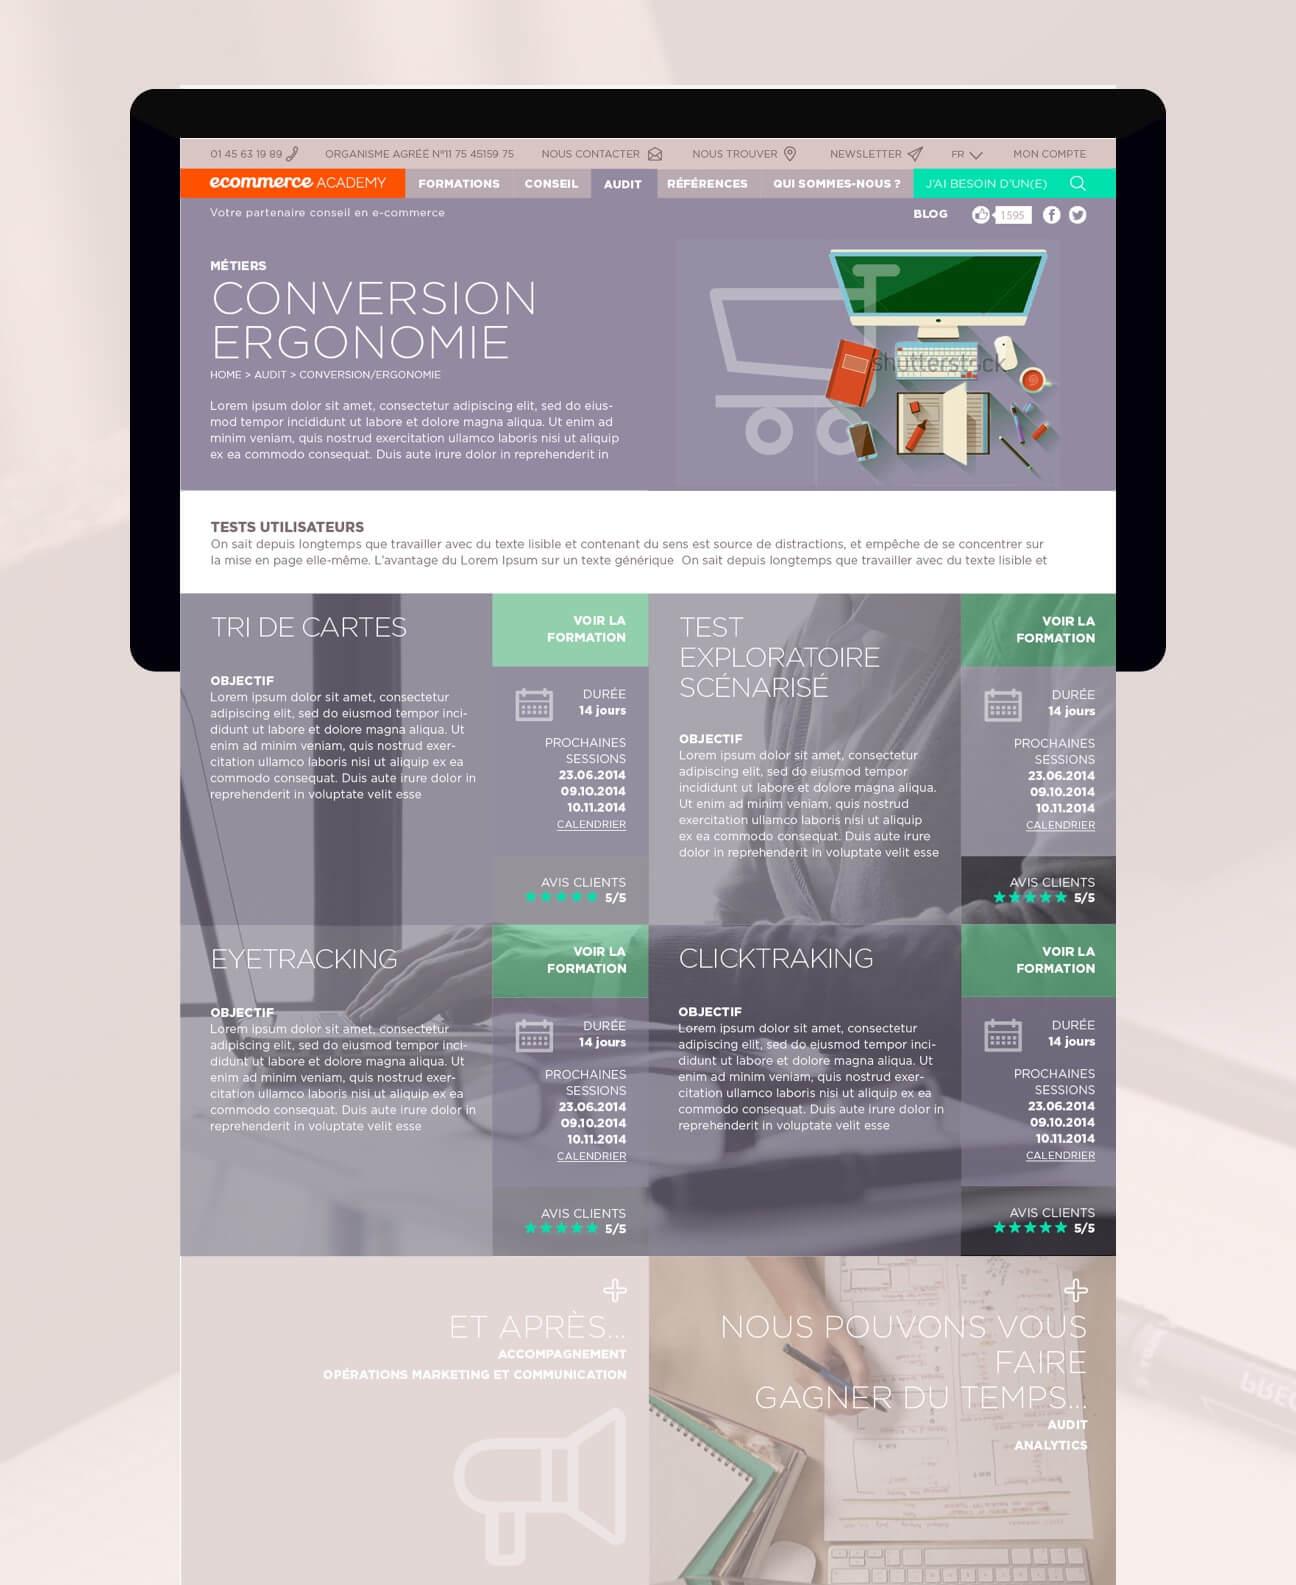 Identité visuelle et webdesign : formation ergonomie